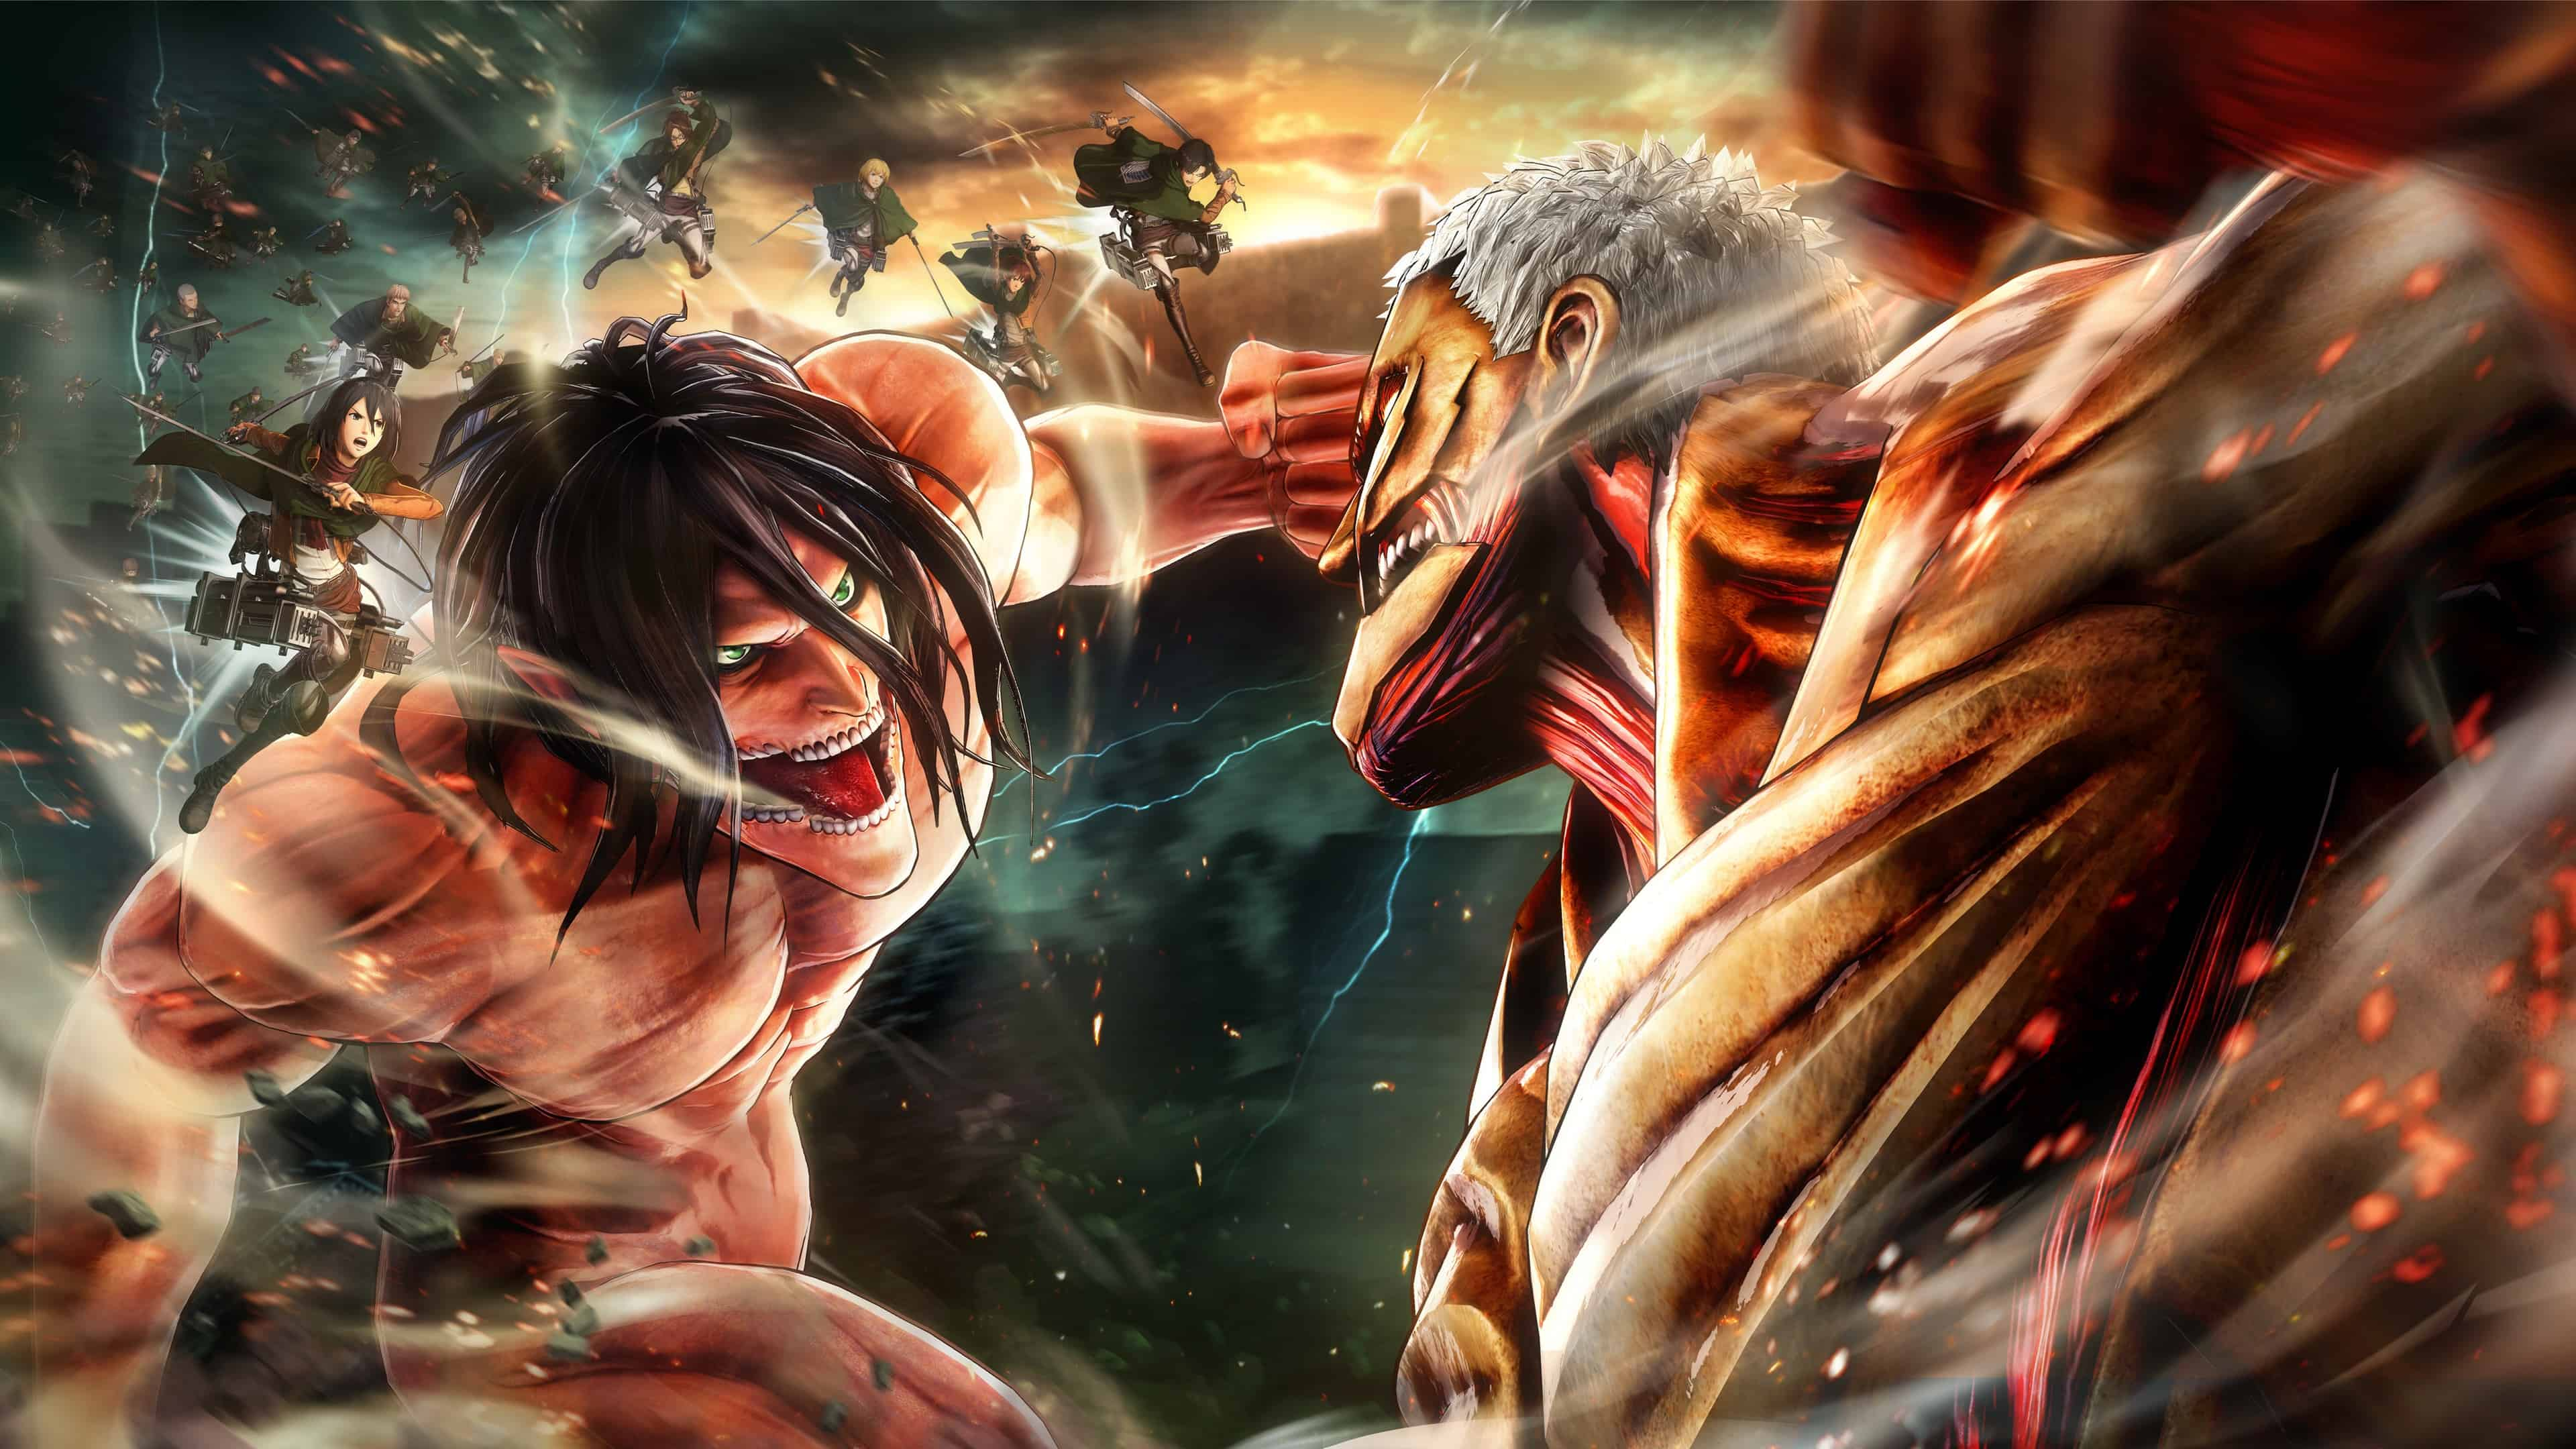 Attack On Titan 2 Cover Uhd 4k Wallpaper - Attack On Titan Wallpaper 4k - HD Wallpaper